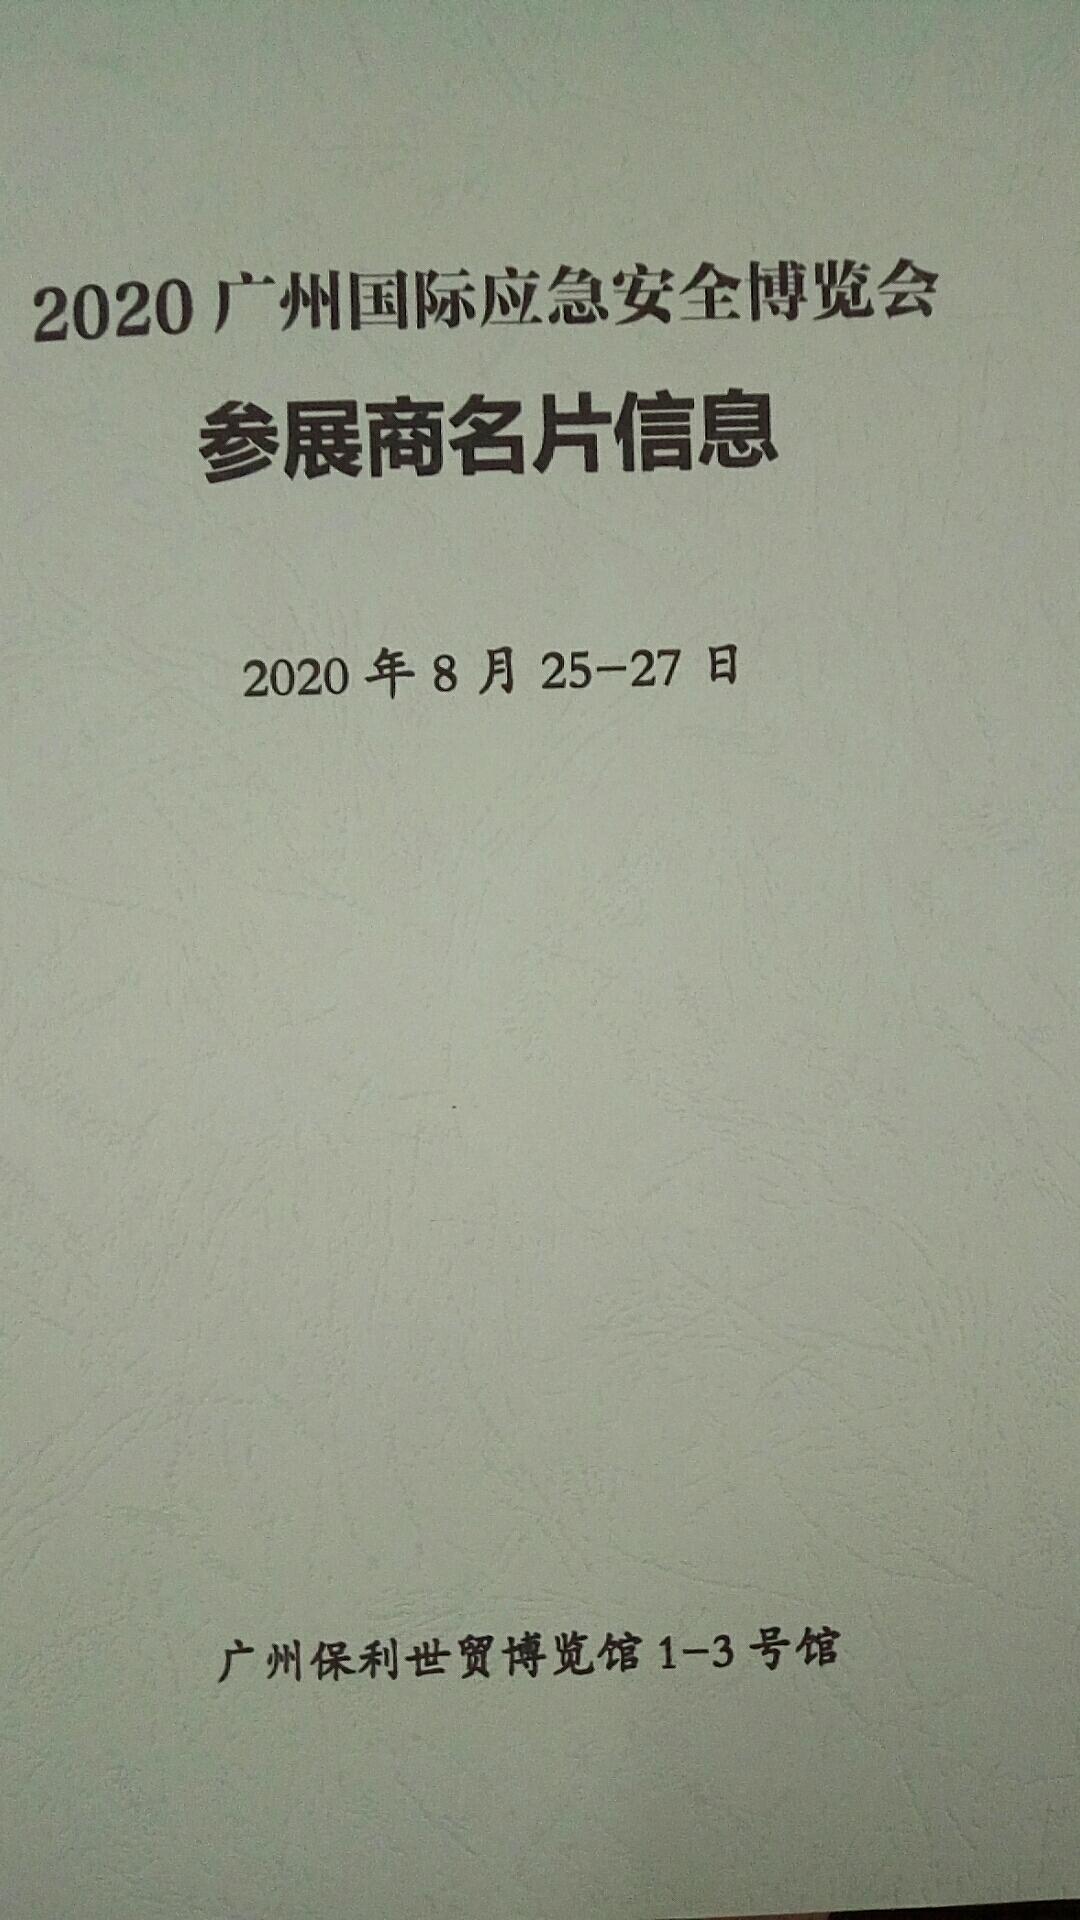 2020年广州国际应急安全博览会参展商名片书刊